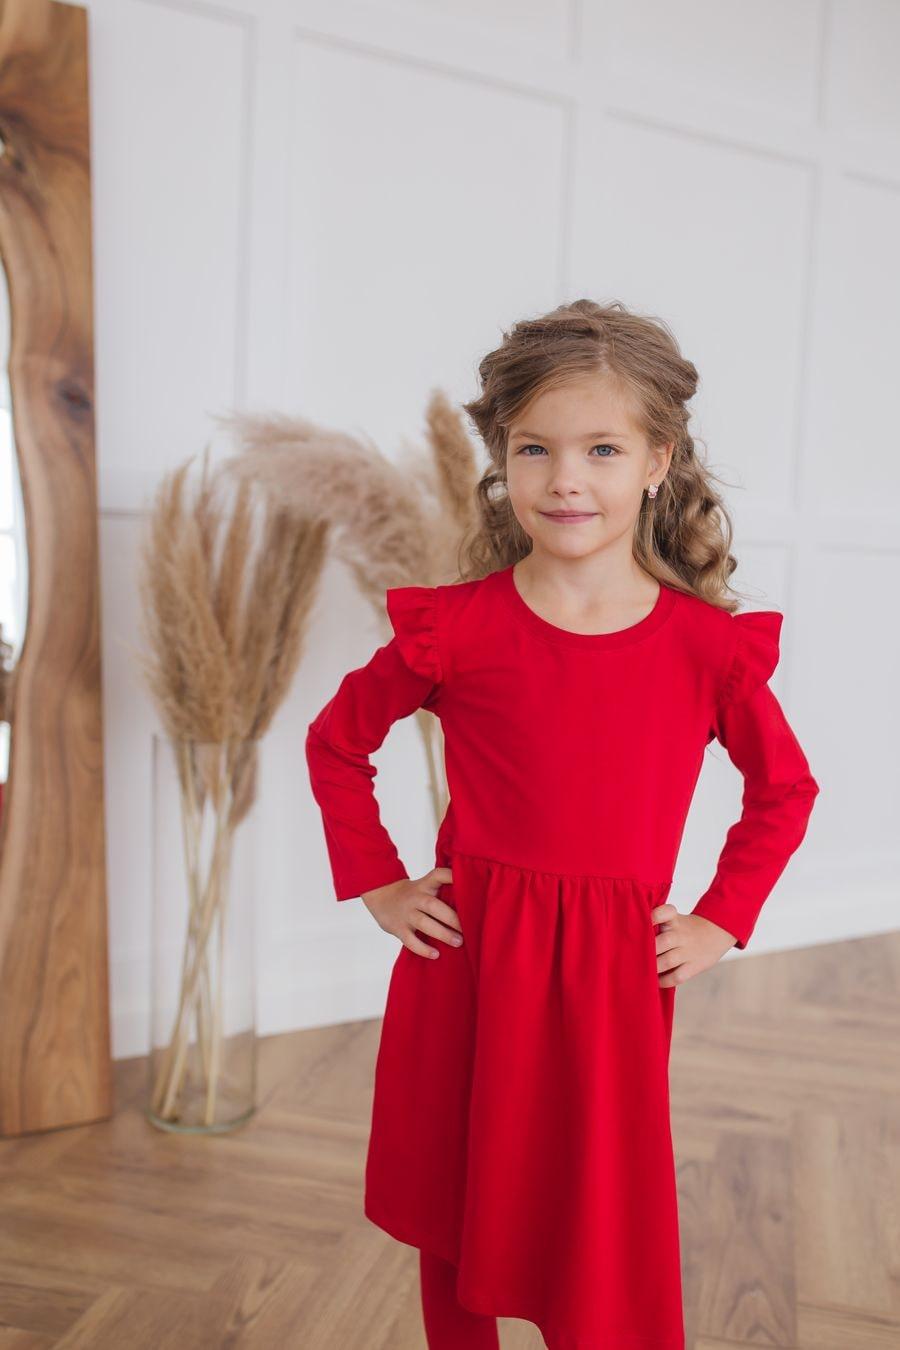 Платье 2461 купить оптом за 699 руб. | Фабрика Божья Коровка